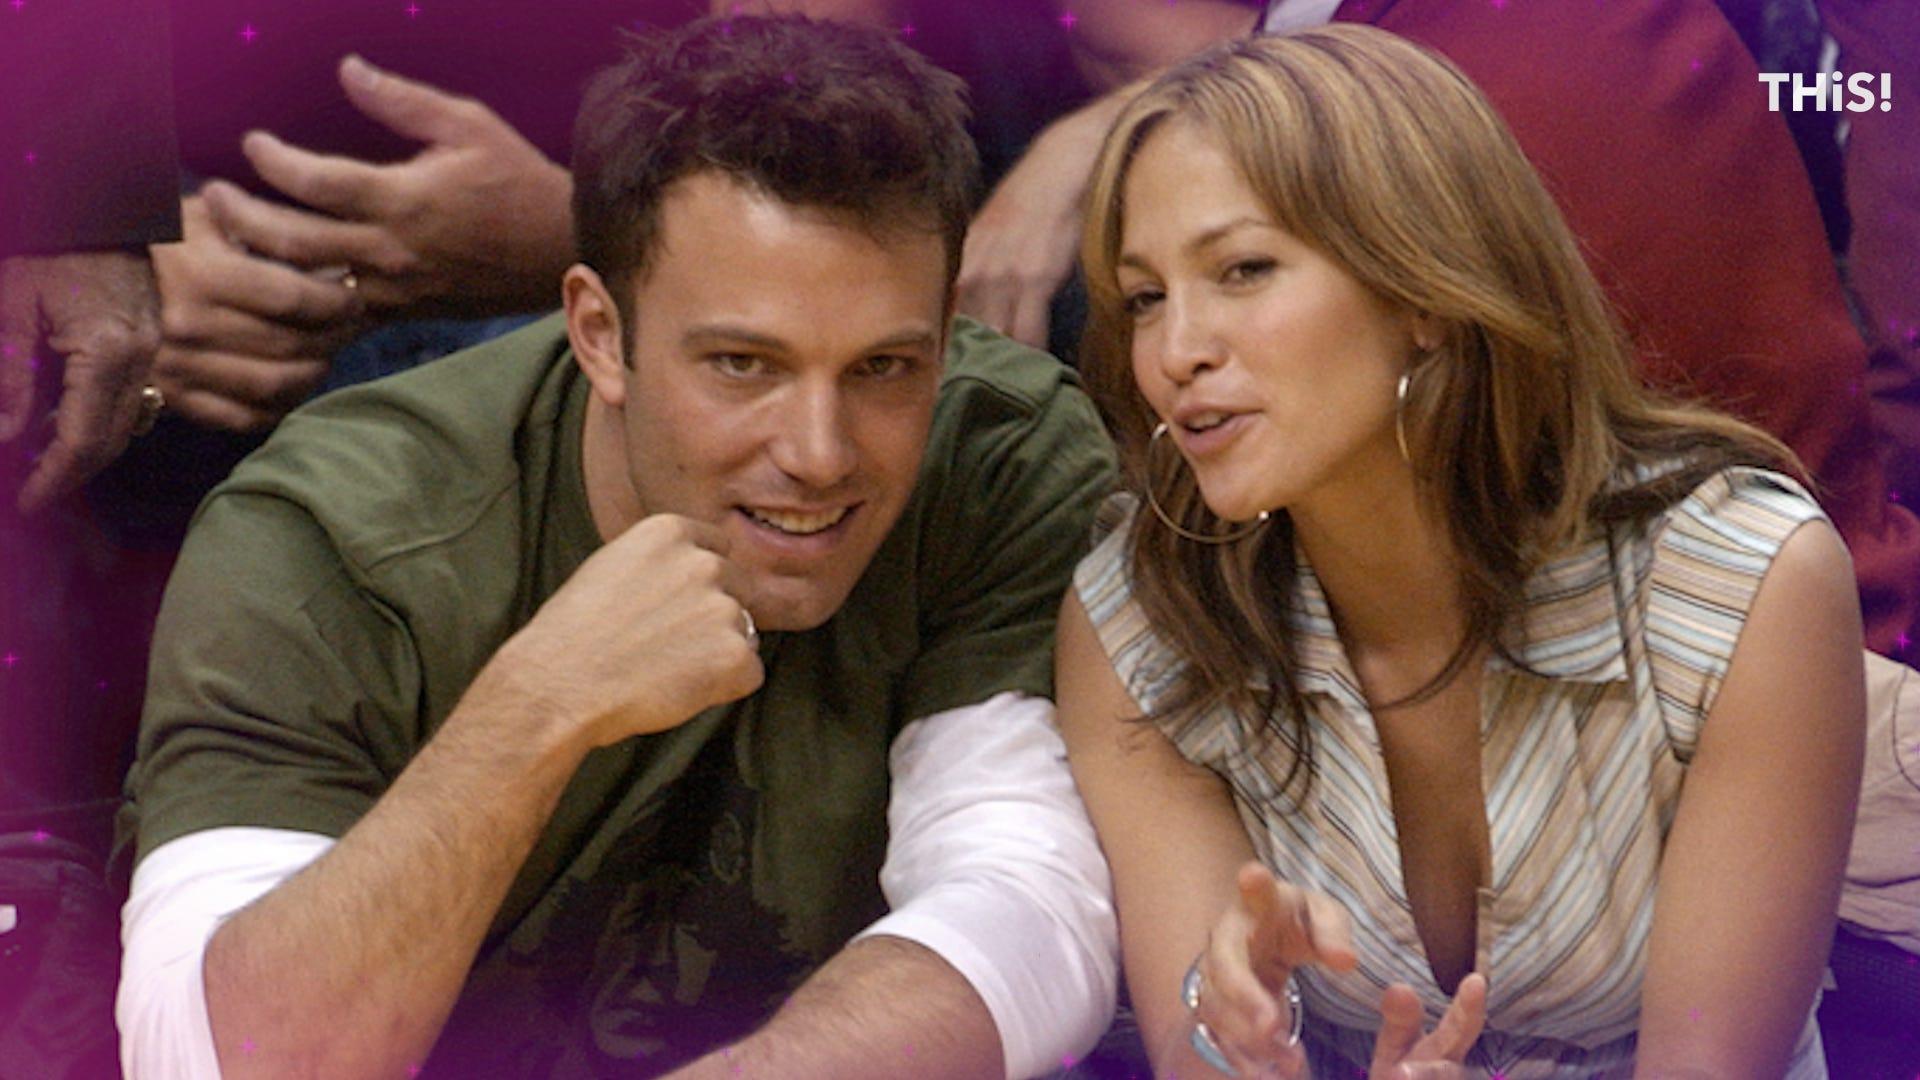 Matt Damon on Ben Affleck, Jennifer Lopez 'Bennifer' rumors: 'I hope it's true'